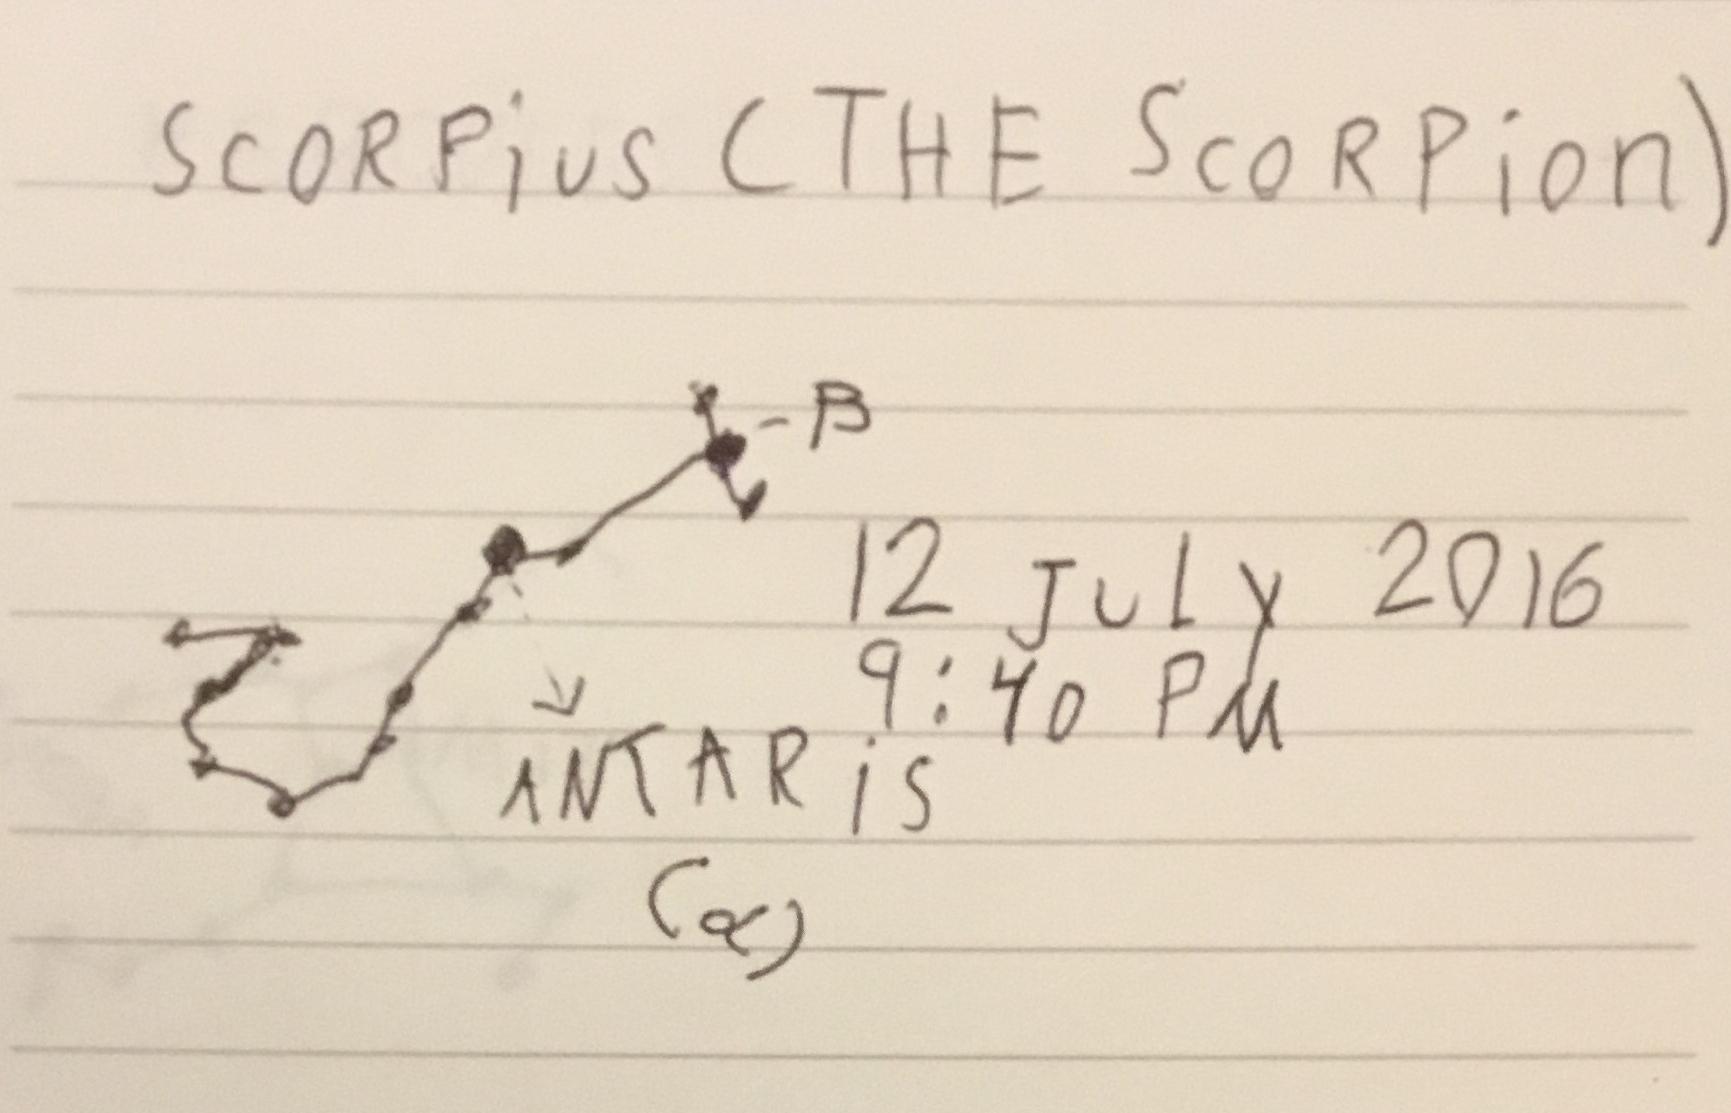 Scorpius the Scorpion constellation